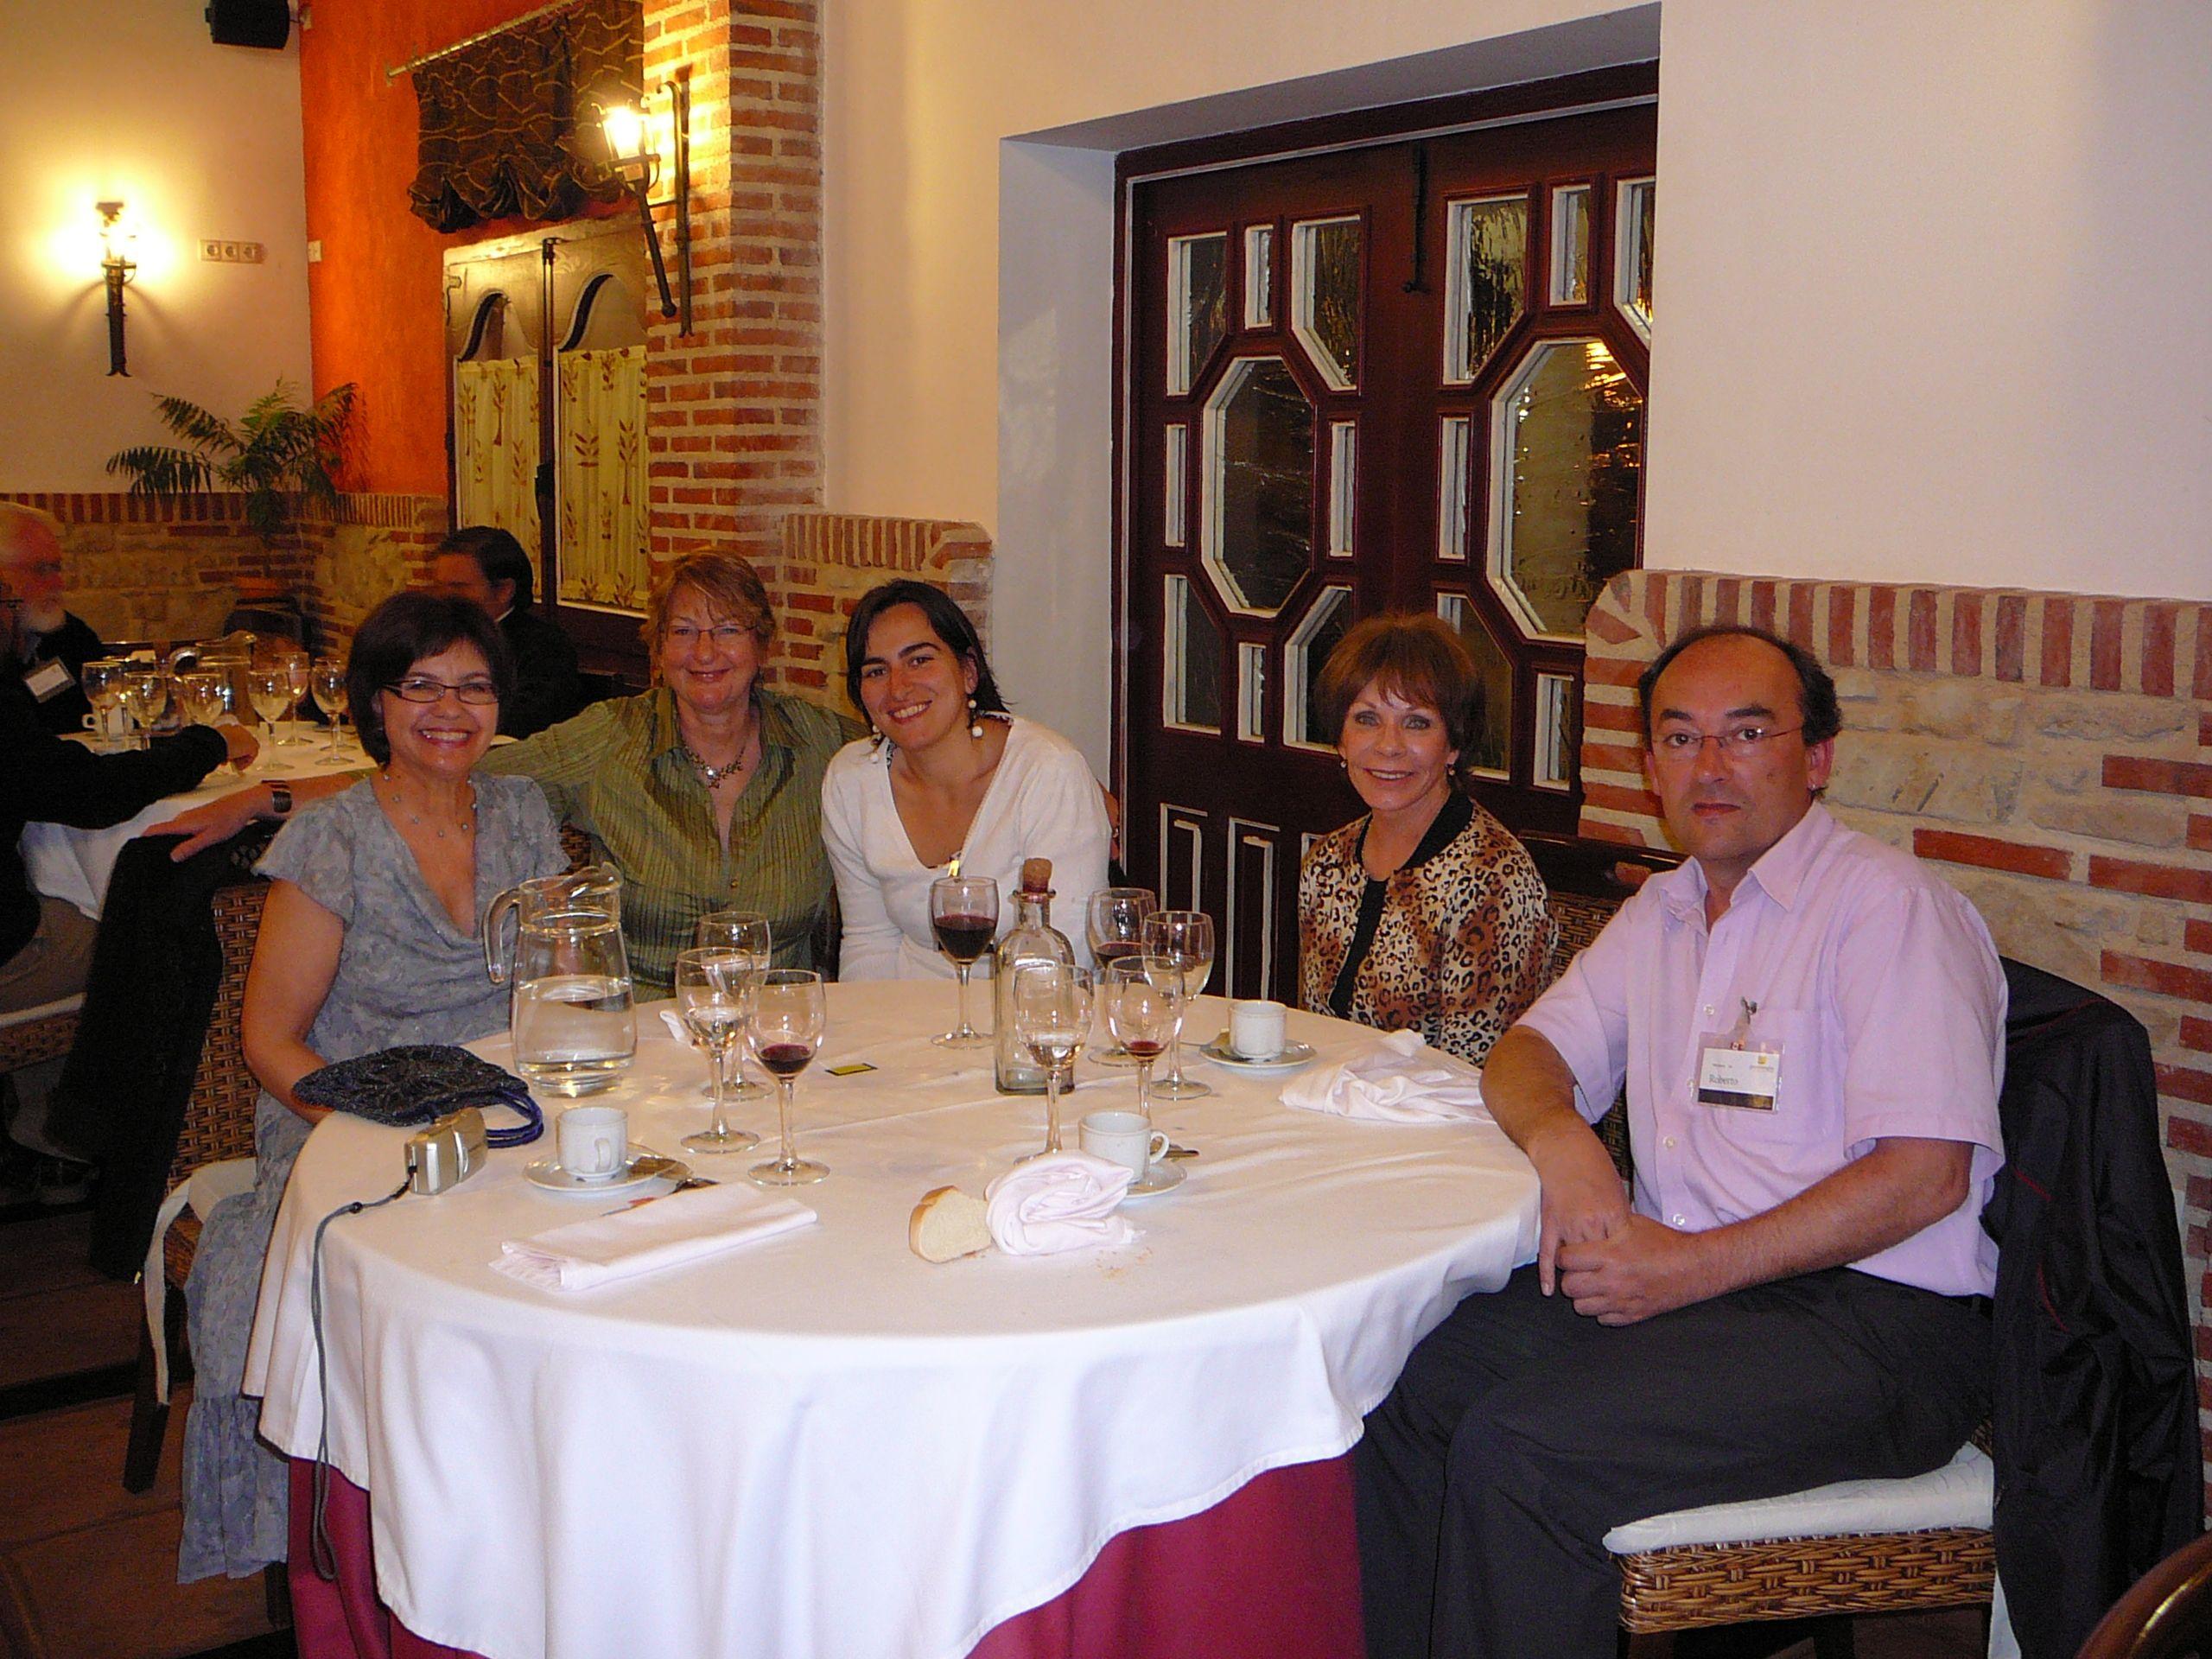 DF_JB_Irene_Ruth_David_at_dinner